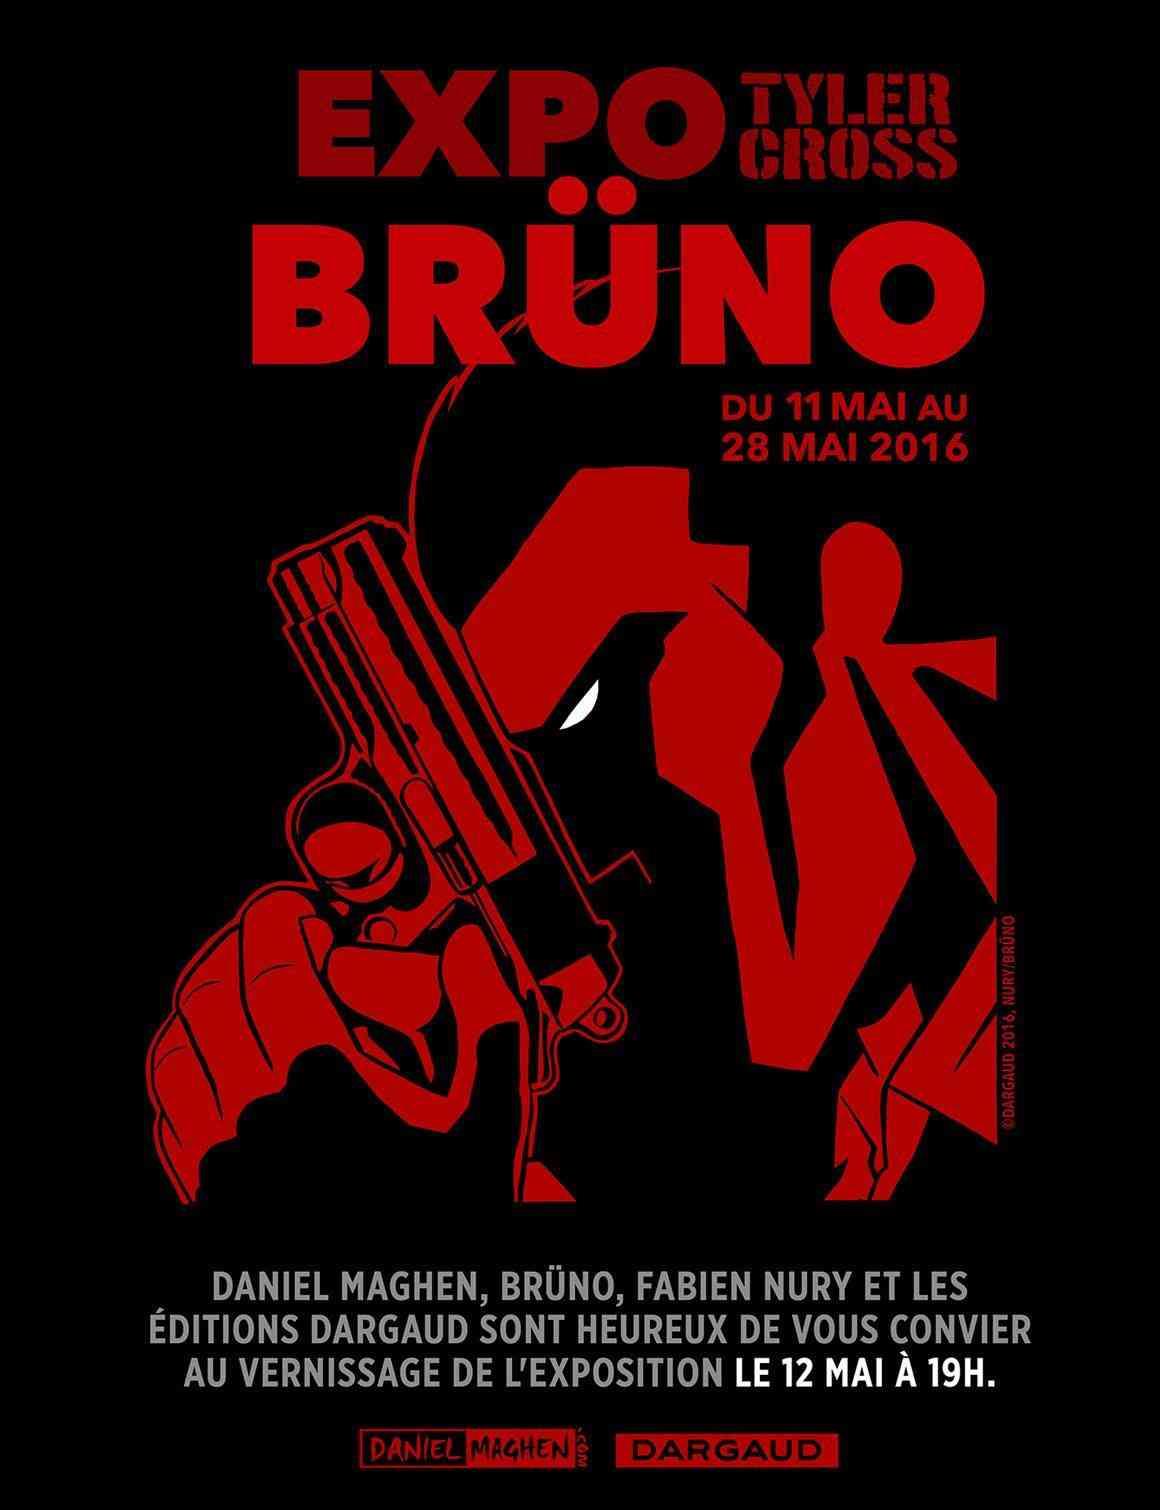 Brüno et Tyler Cross s'exposent chez Maghen à Paris